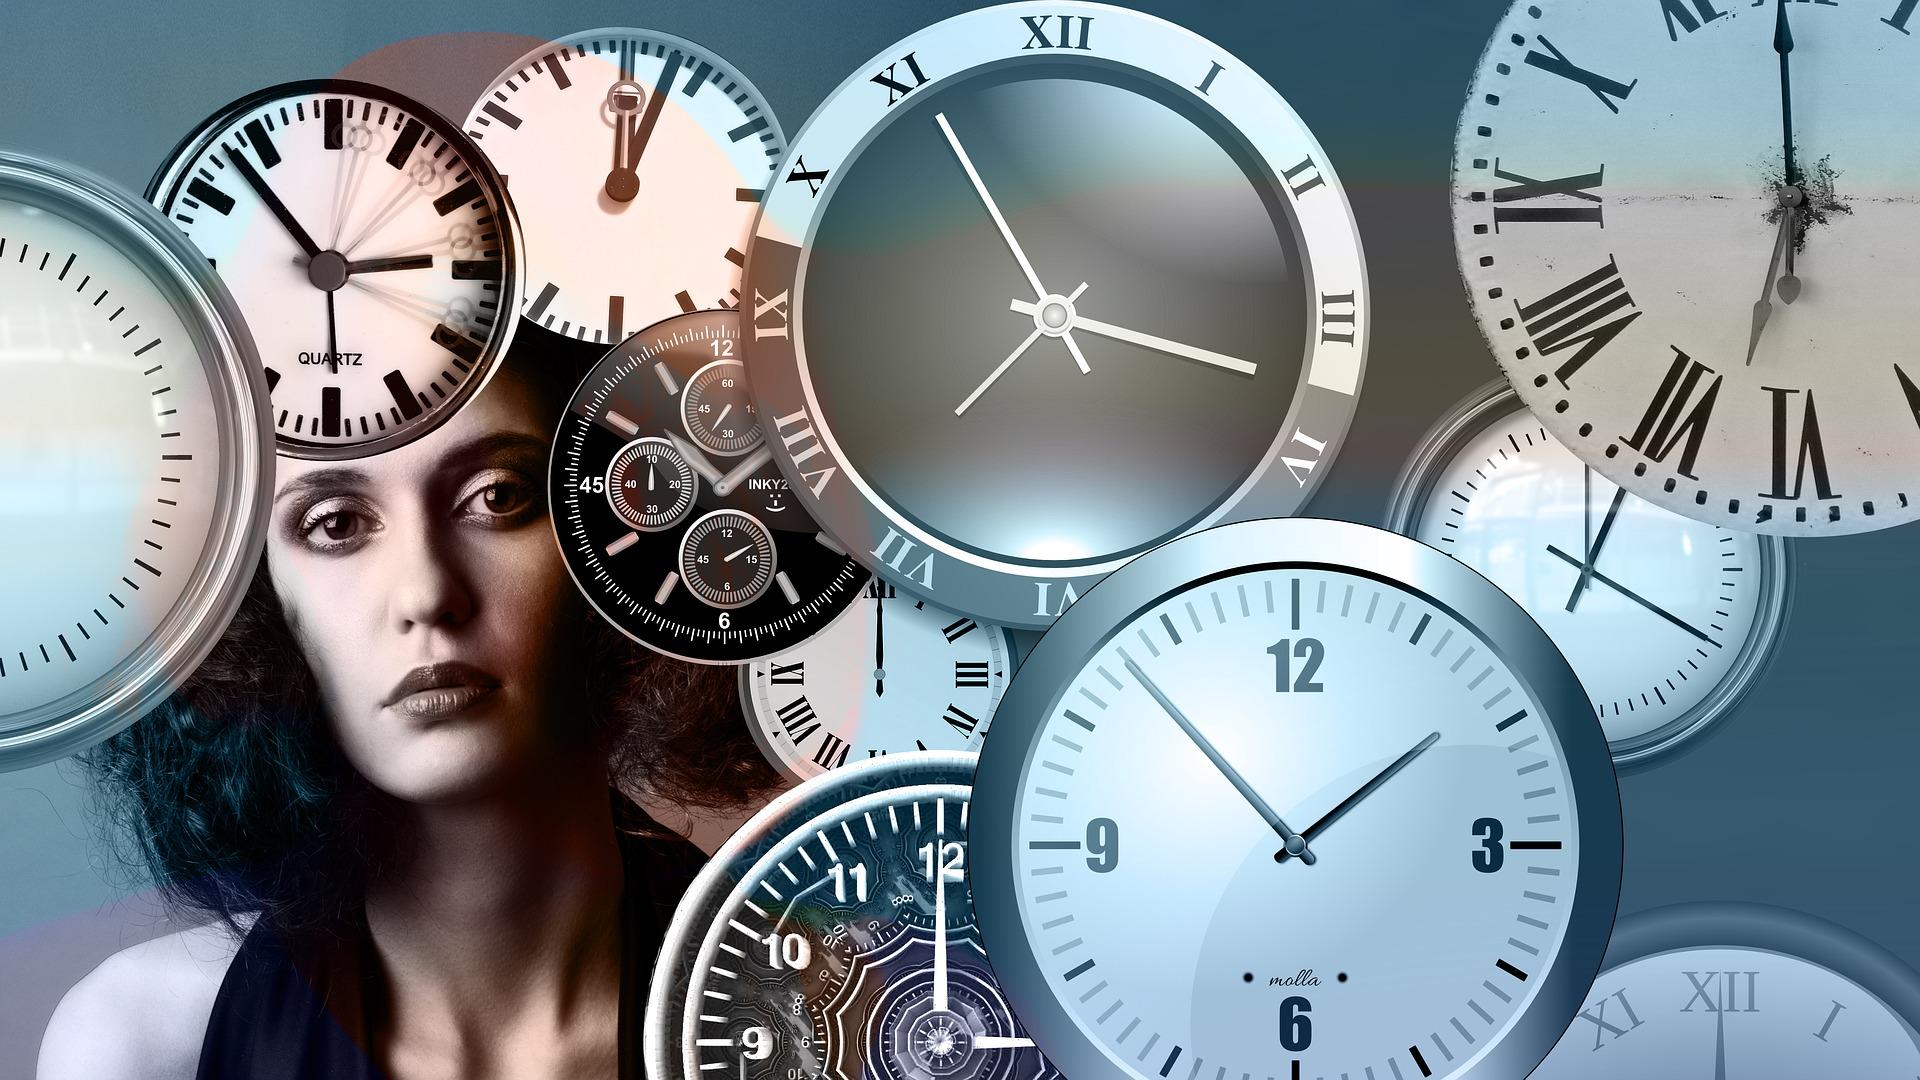 Muchos relojes a distintas horas